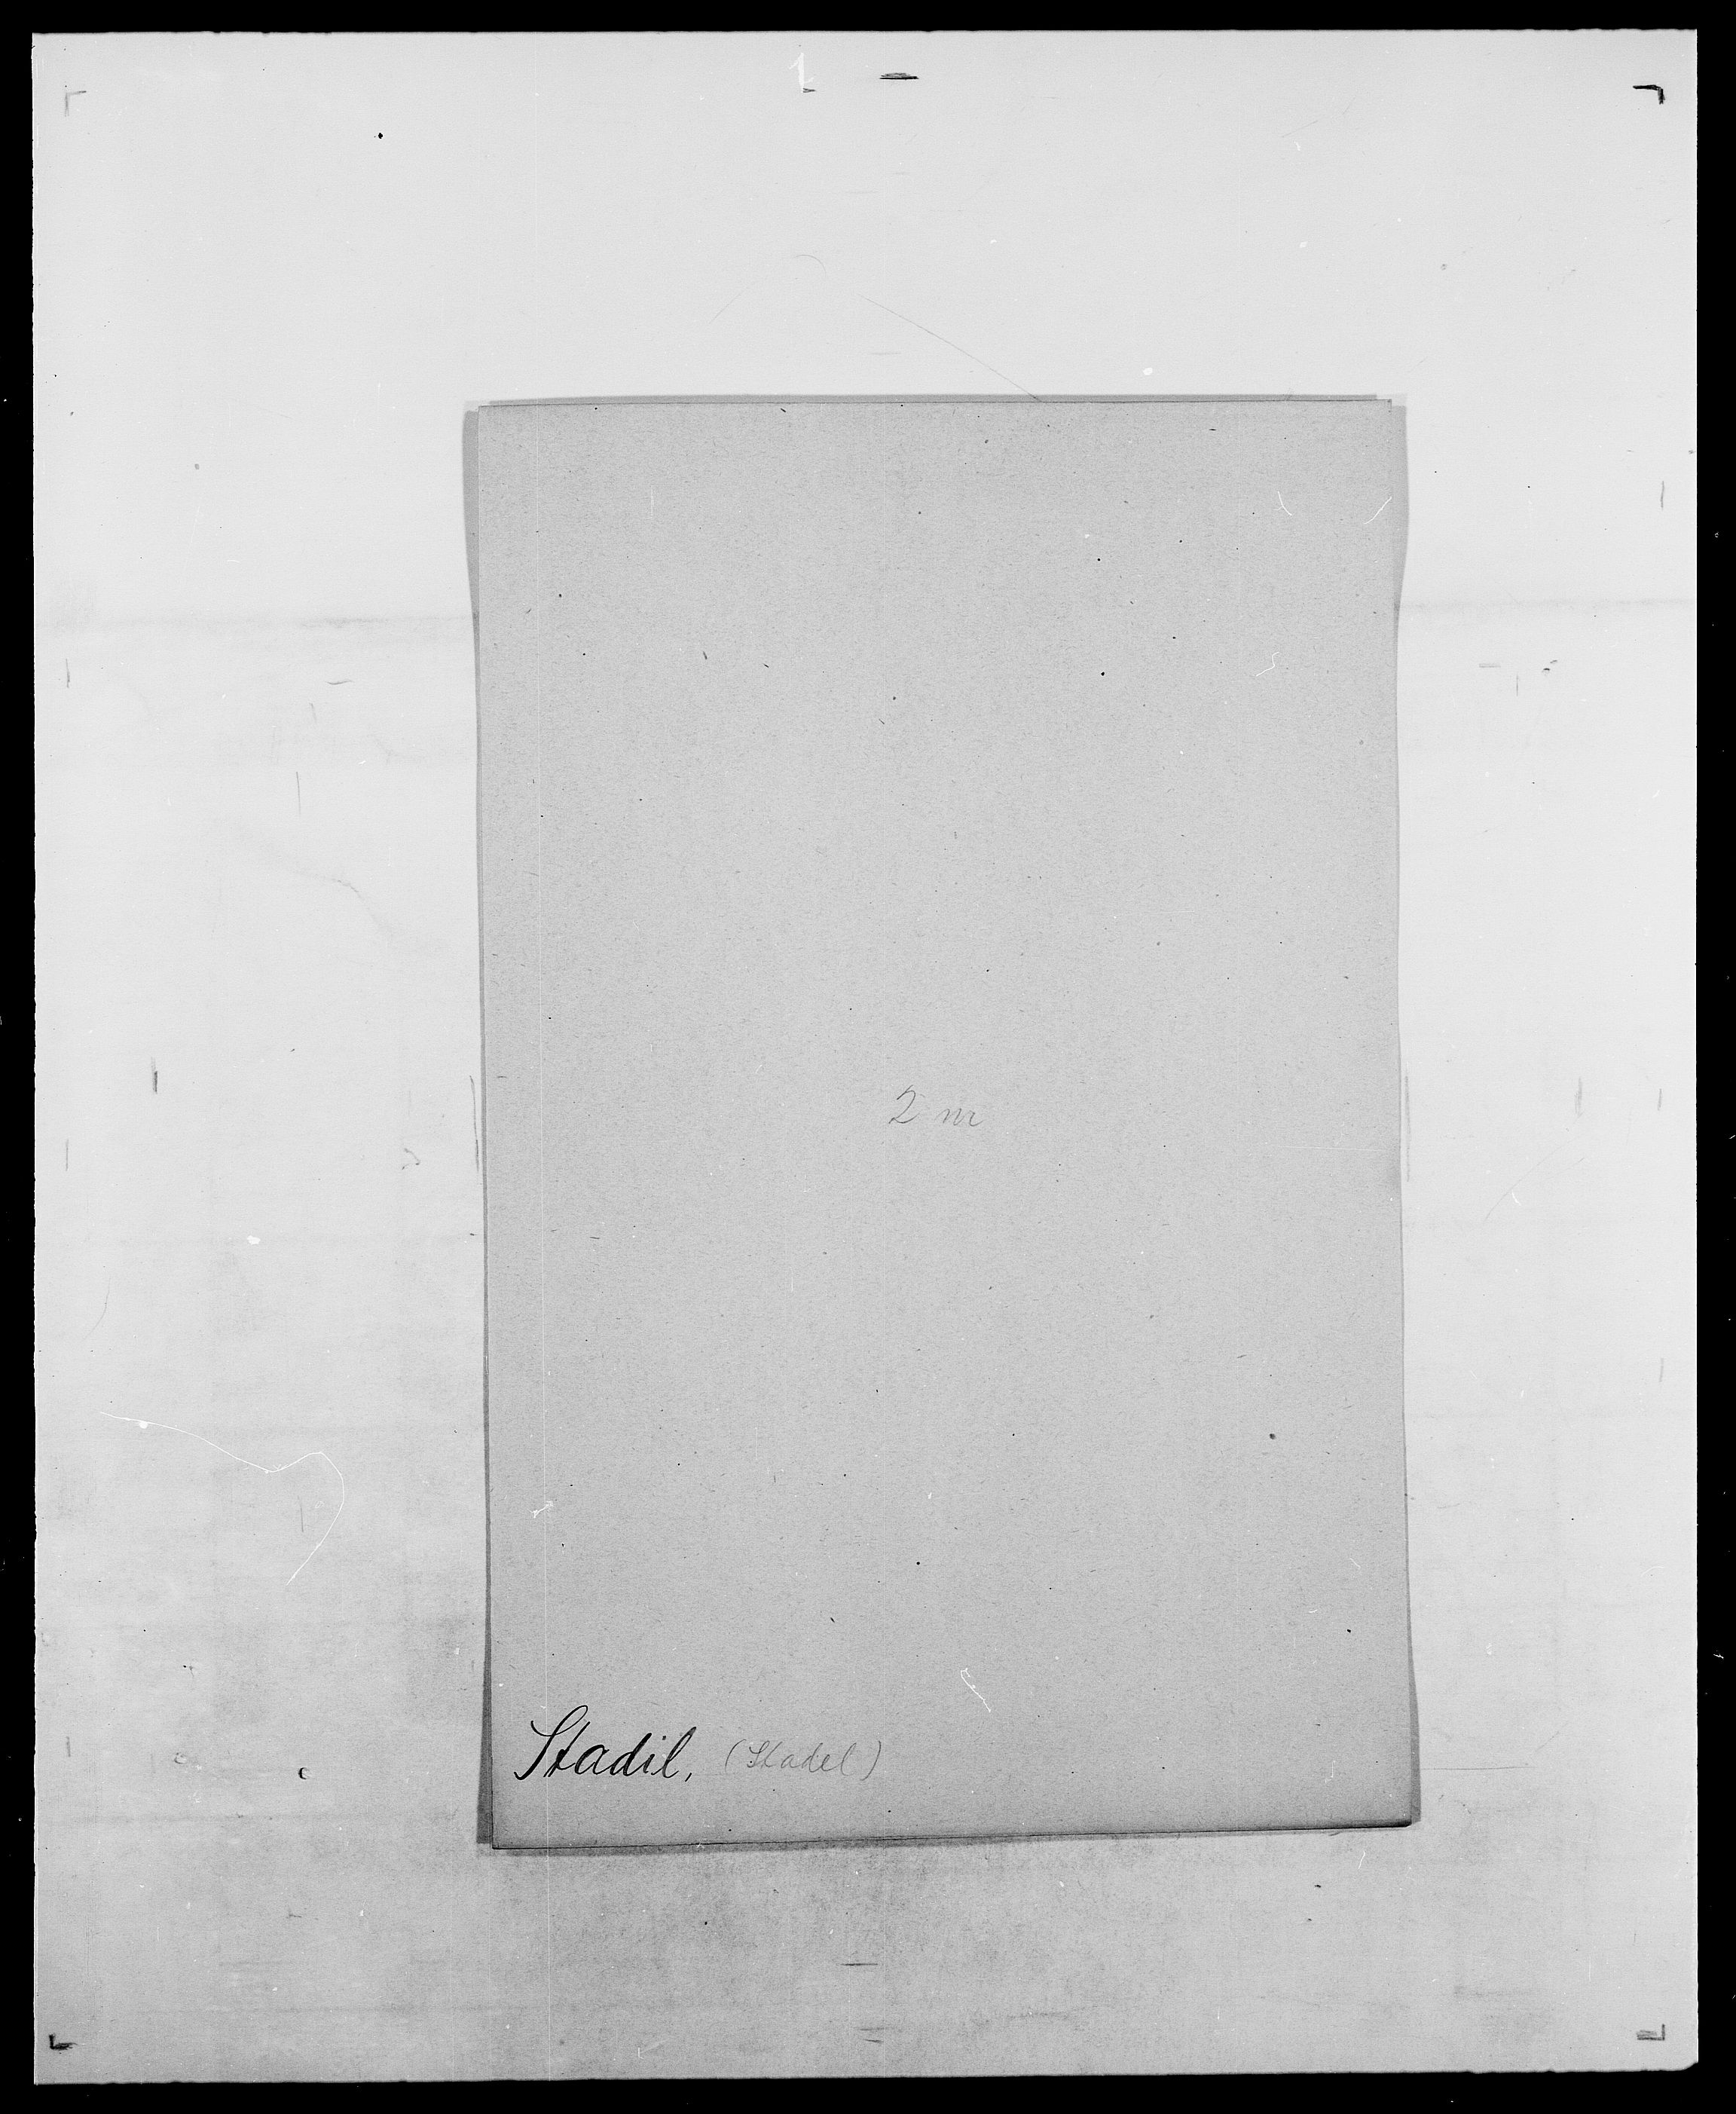 SAO, Delgobe, Charles Antoine - samling, D/Da/L0036: Skaanør - Staverskov, s. 926